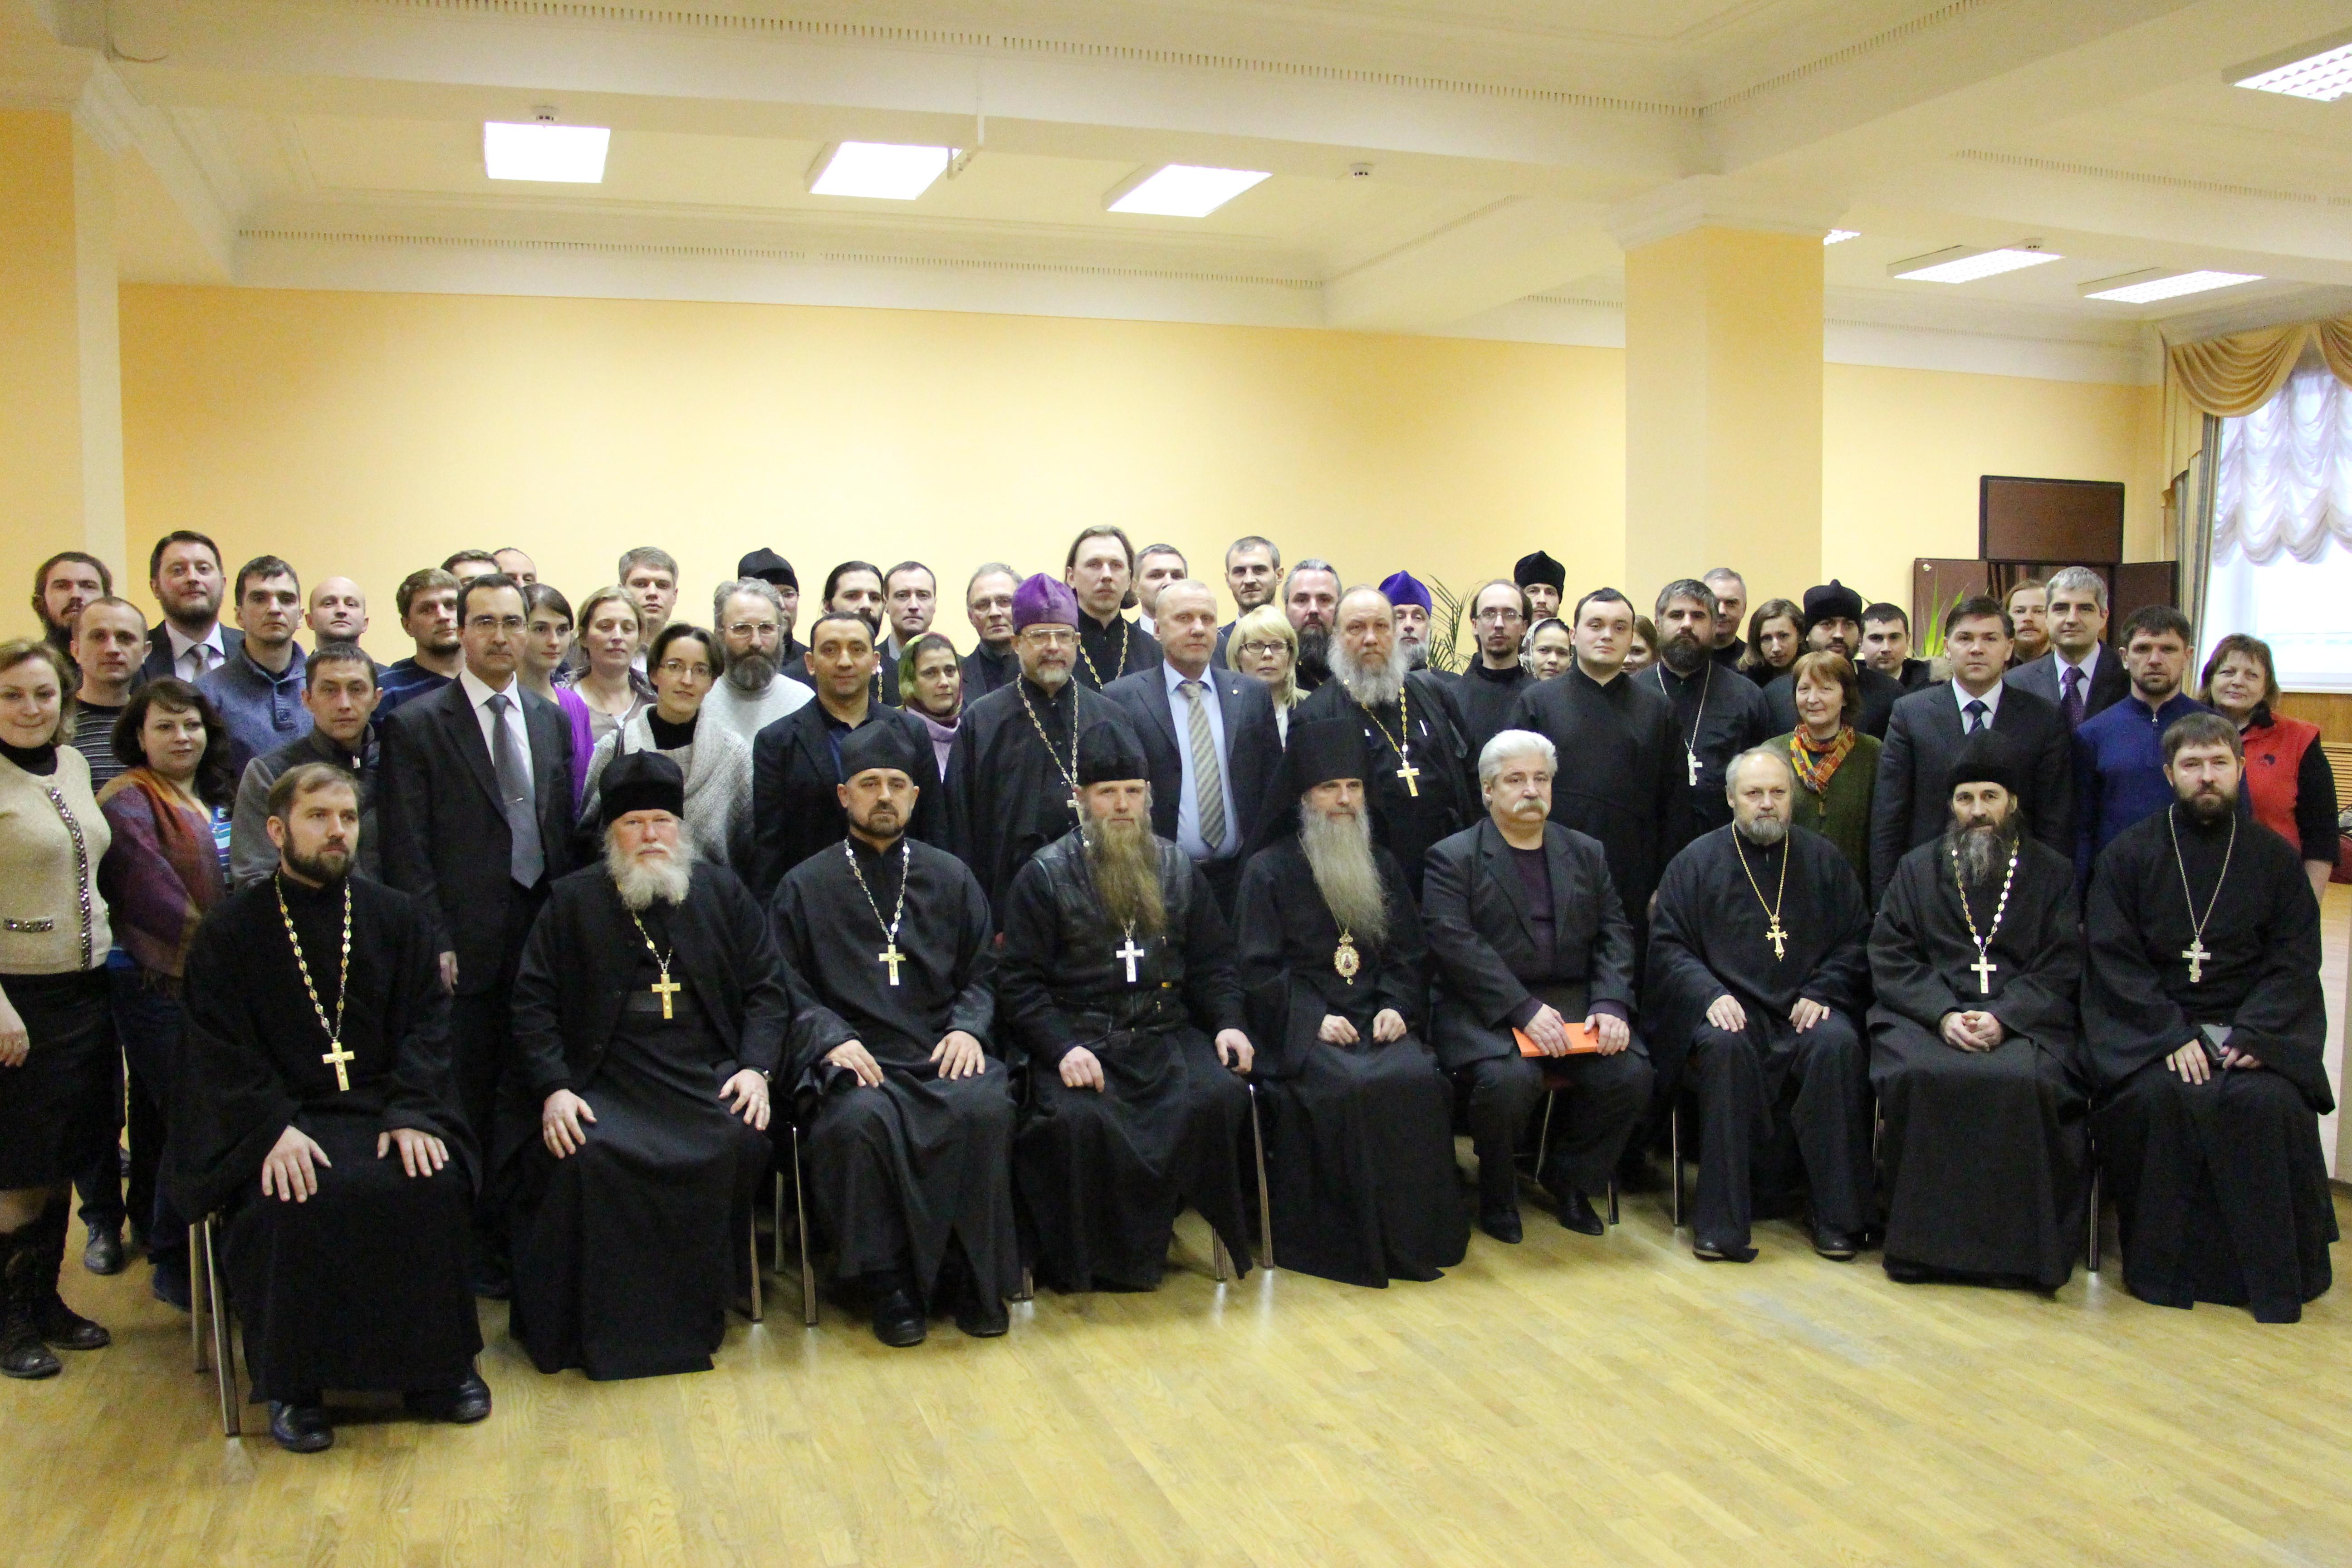 Участники секции помощи наркозависимым, проходившей в рамках Рождественских чтений в МГТУ имени Баумана